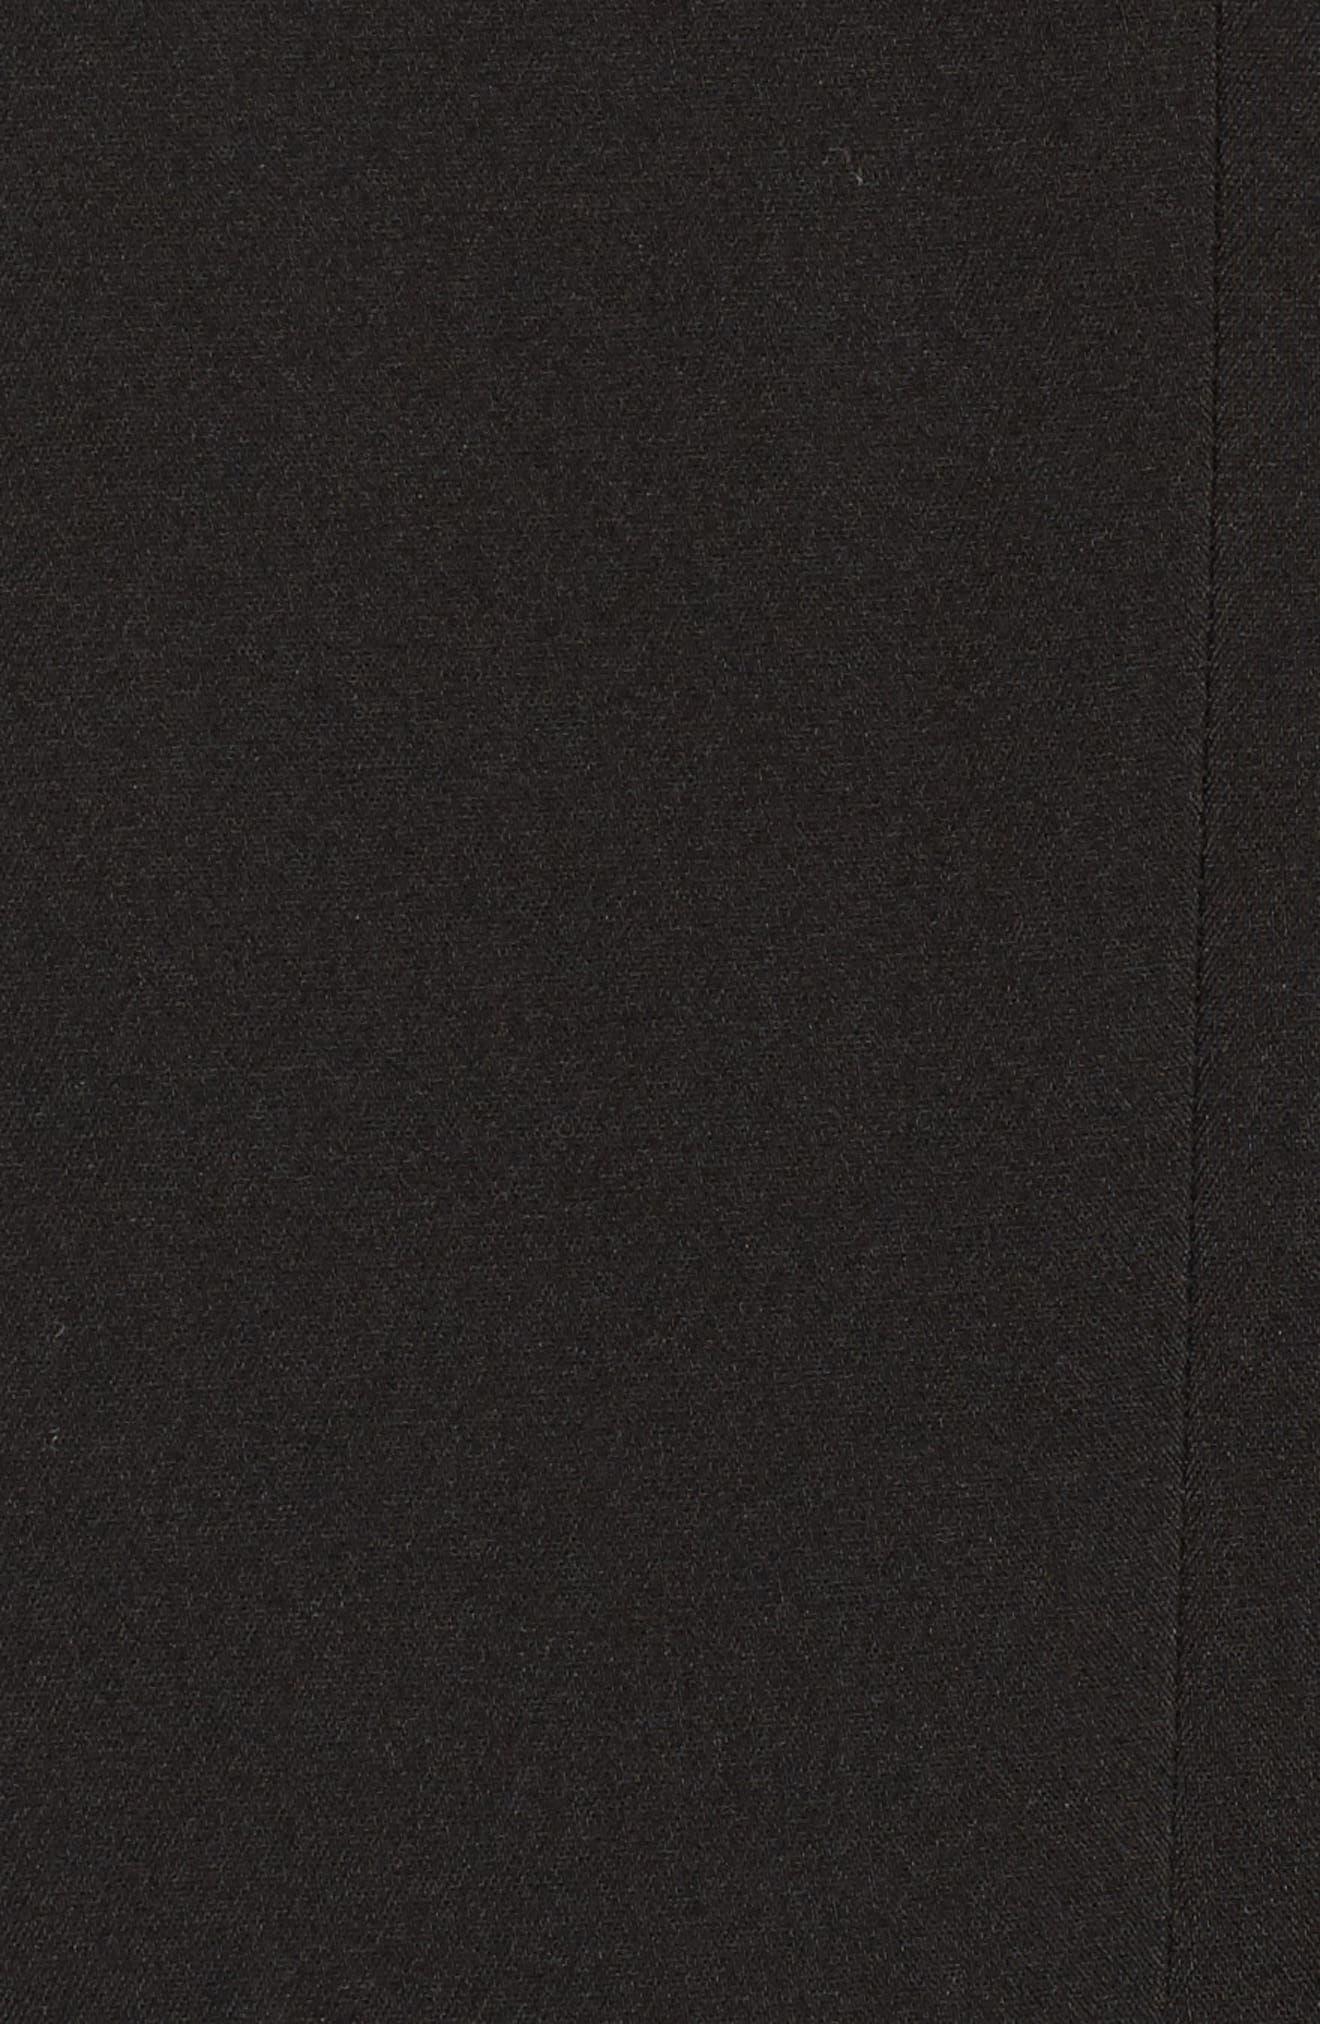 Drape Jacket,                             Alternate thumbnail 6, color,                             001